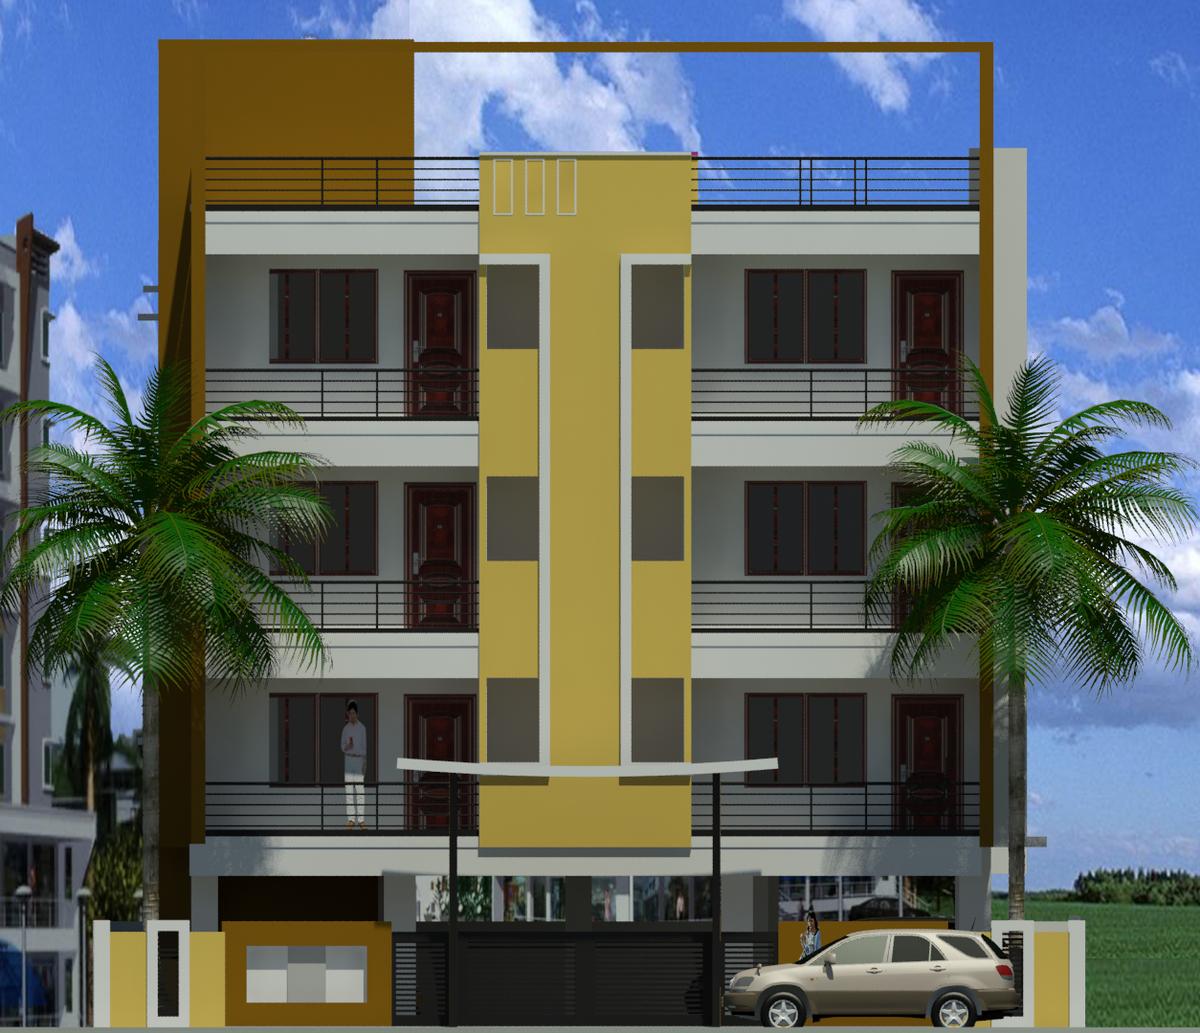 Apartment View: ARCHI-APARTMENT-03